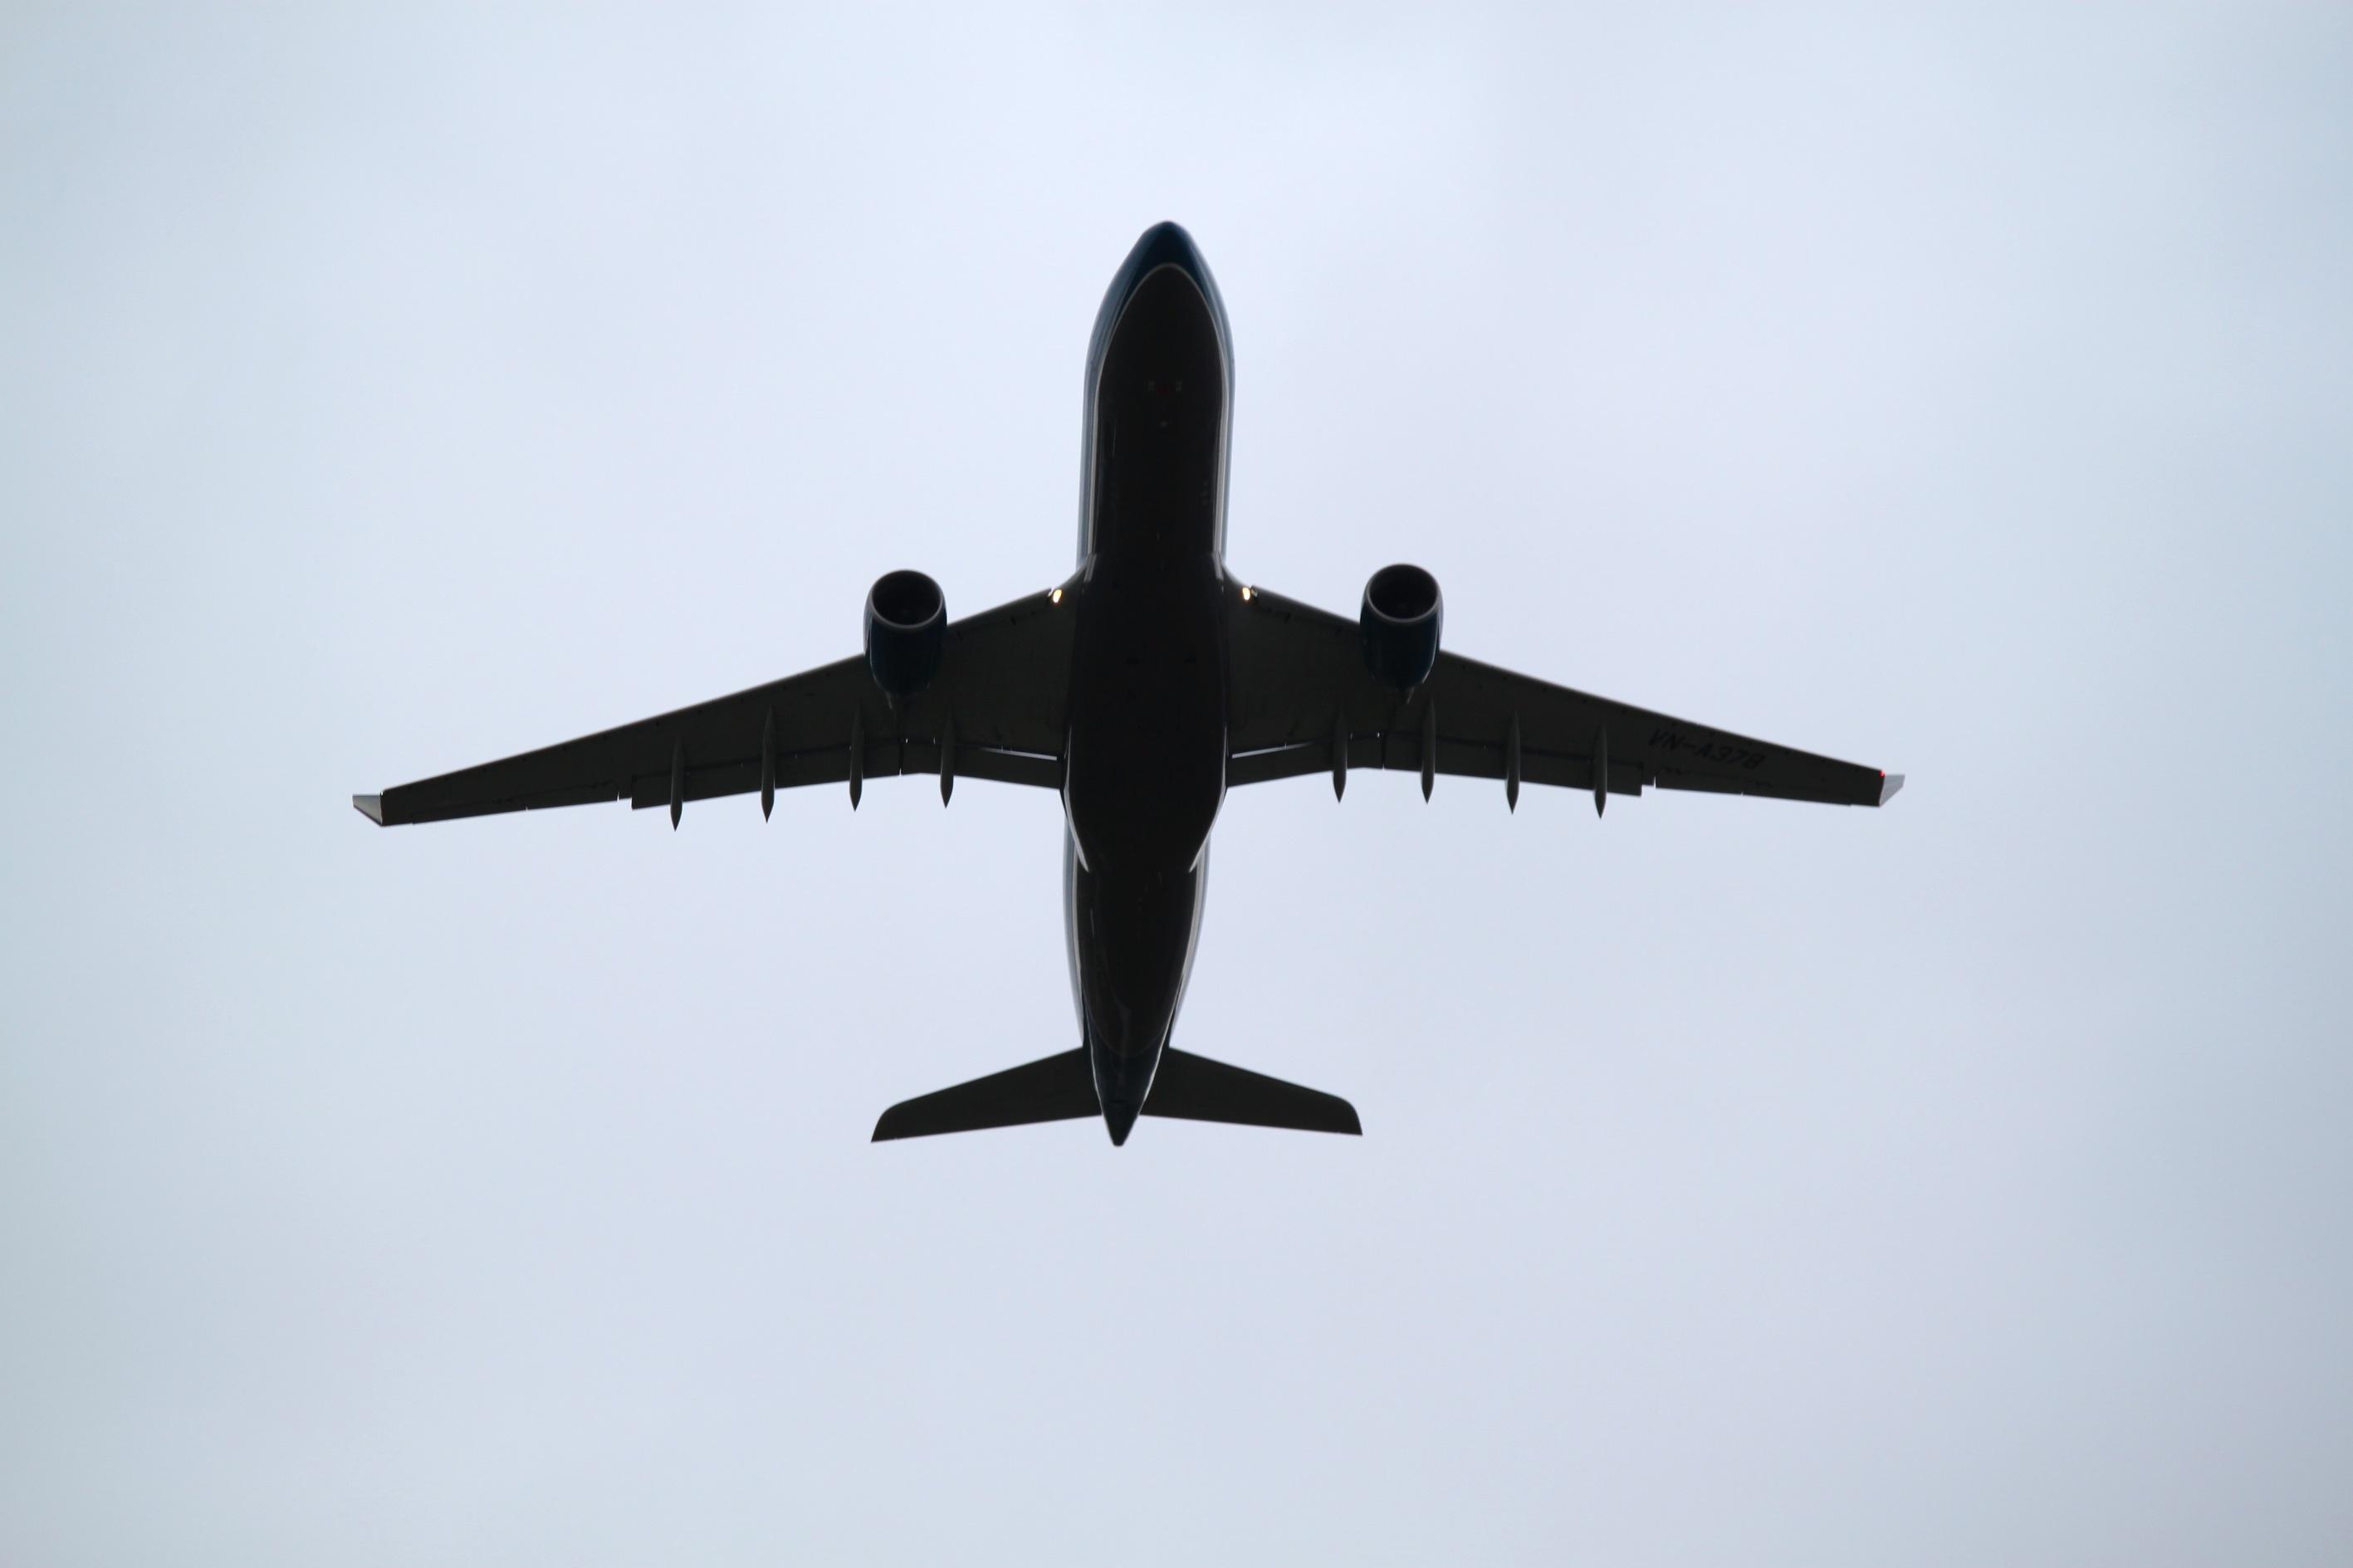 Bolące i zatkane uszy podczas lotów – co robić?!